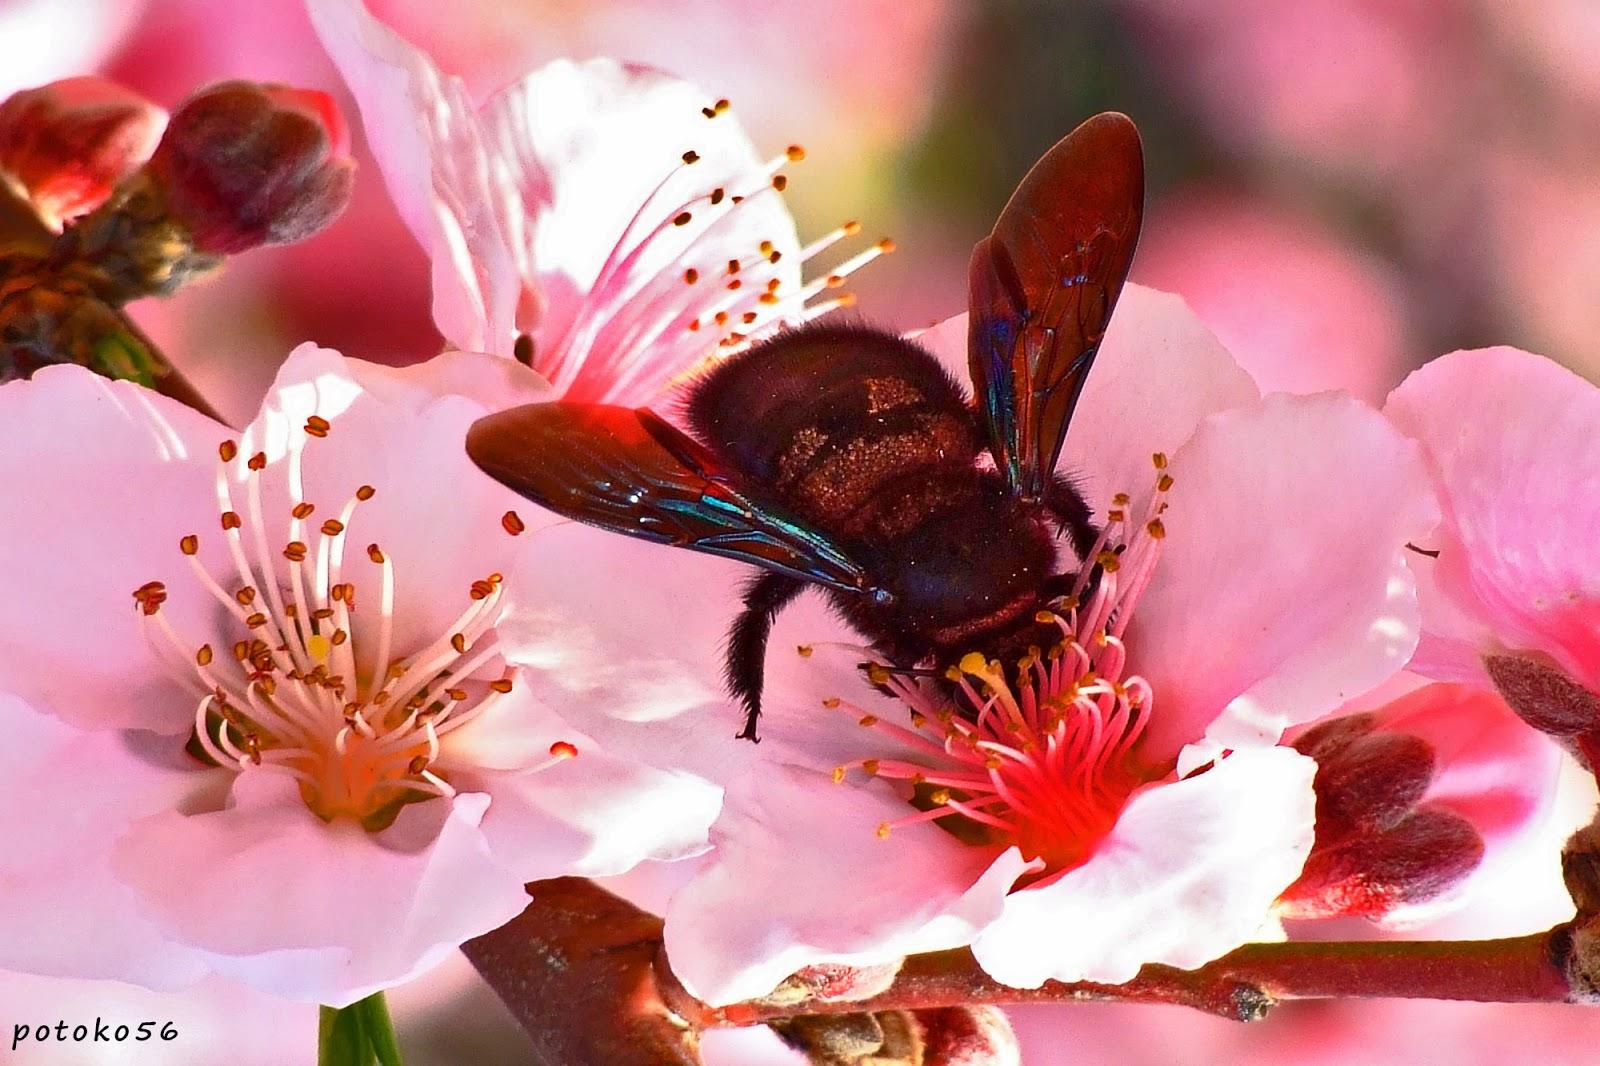 abejorro buscando en los pétalos de una flor Rota